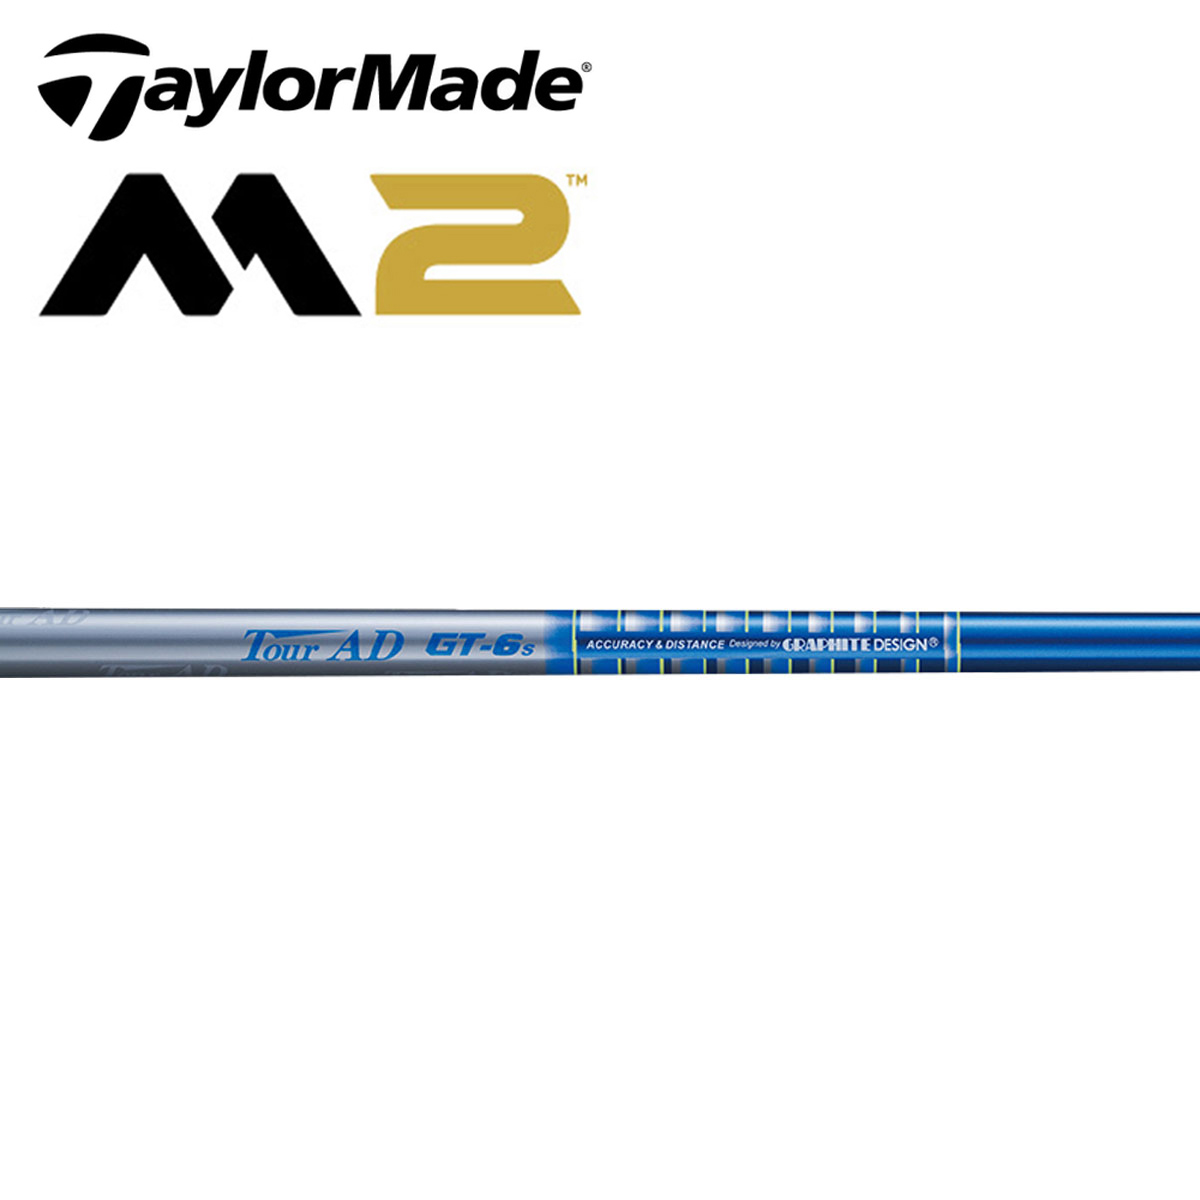 Tour AD GTシリーズ M2 ドライバーロフト10.5度用スリーブ付きシャフト 2016年モデル【テーラーメイド専用】